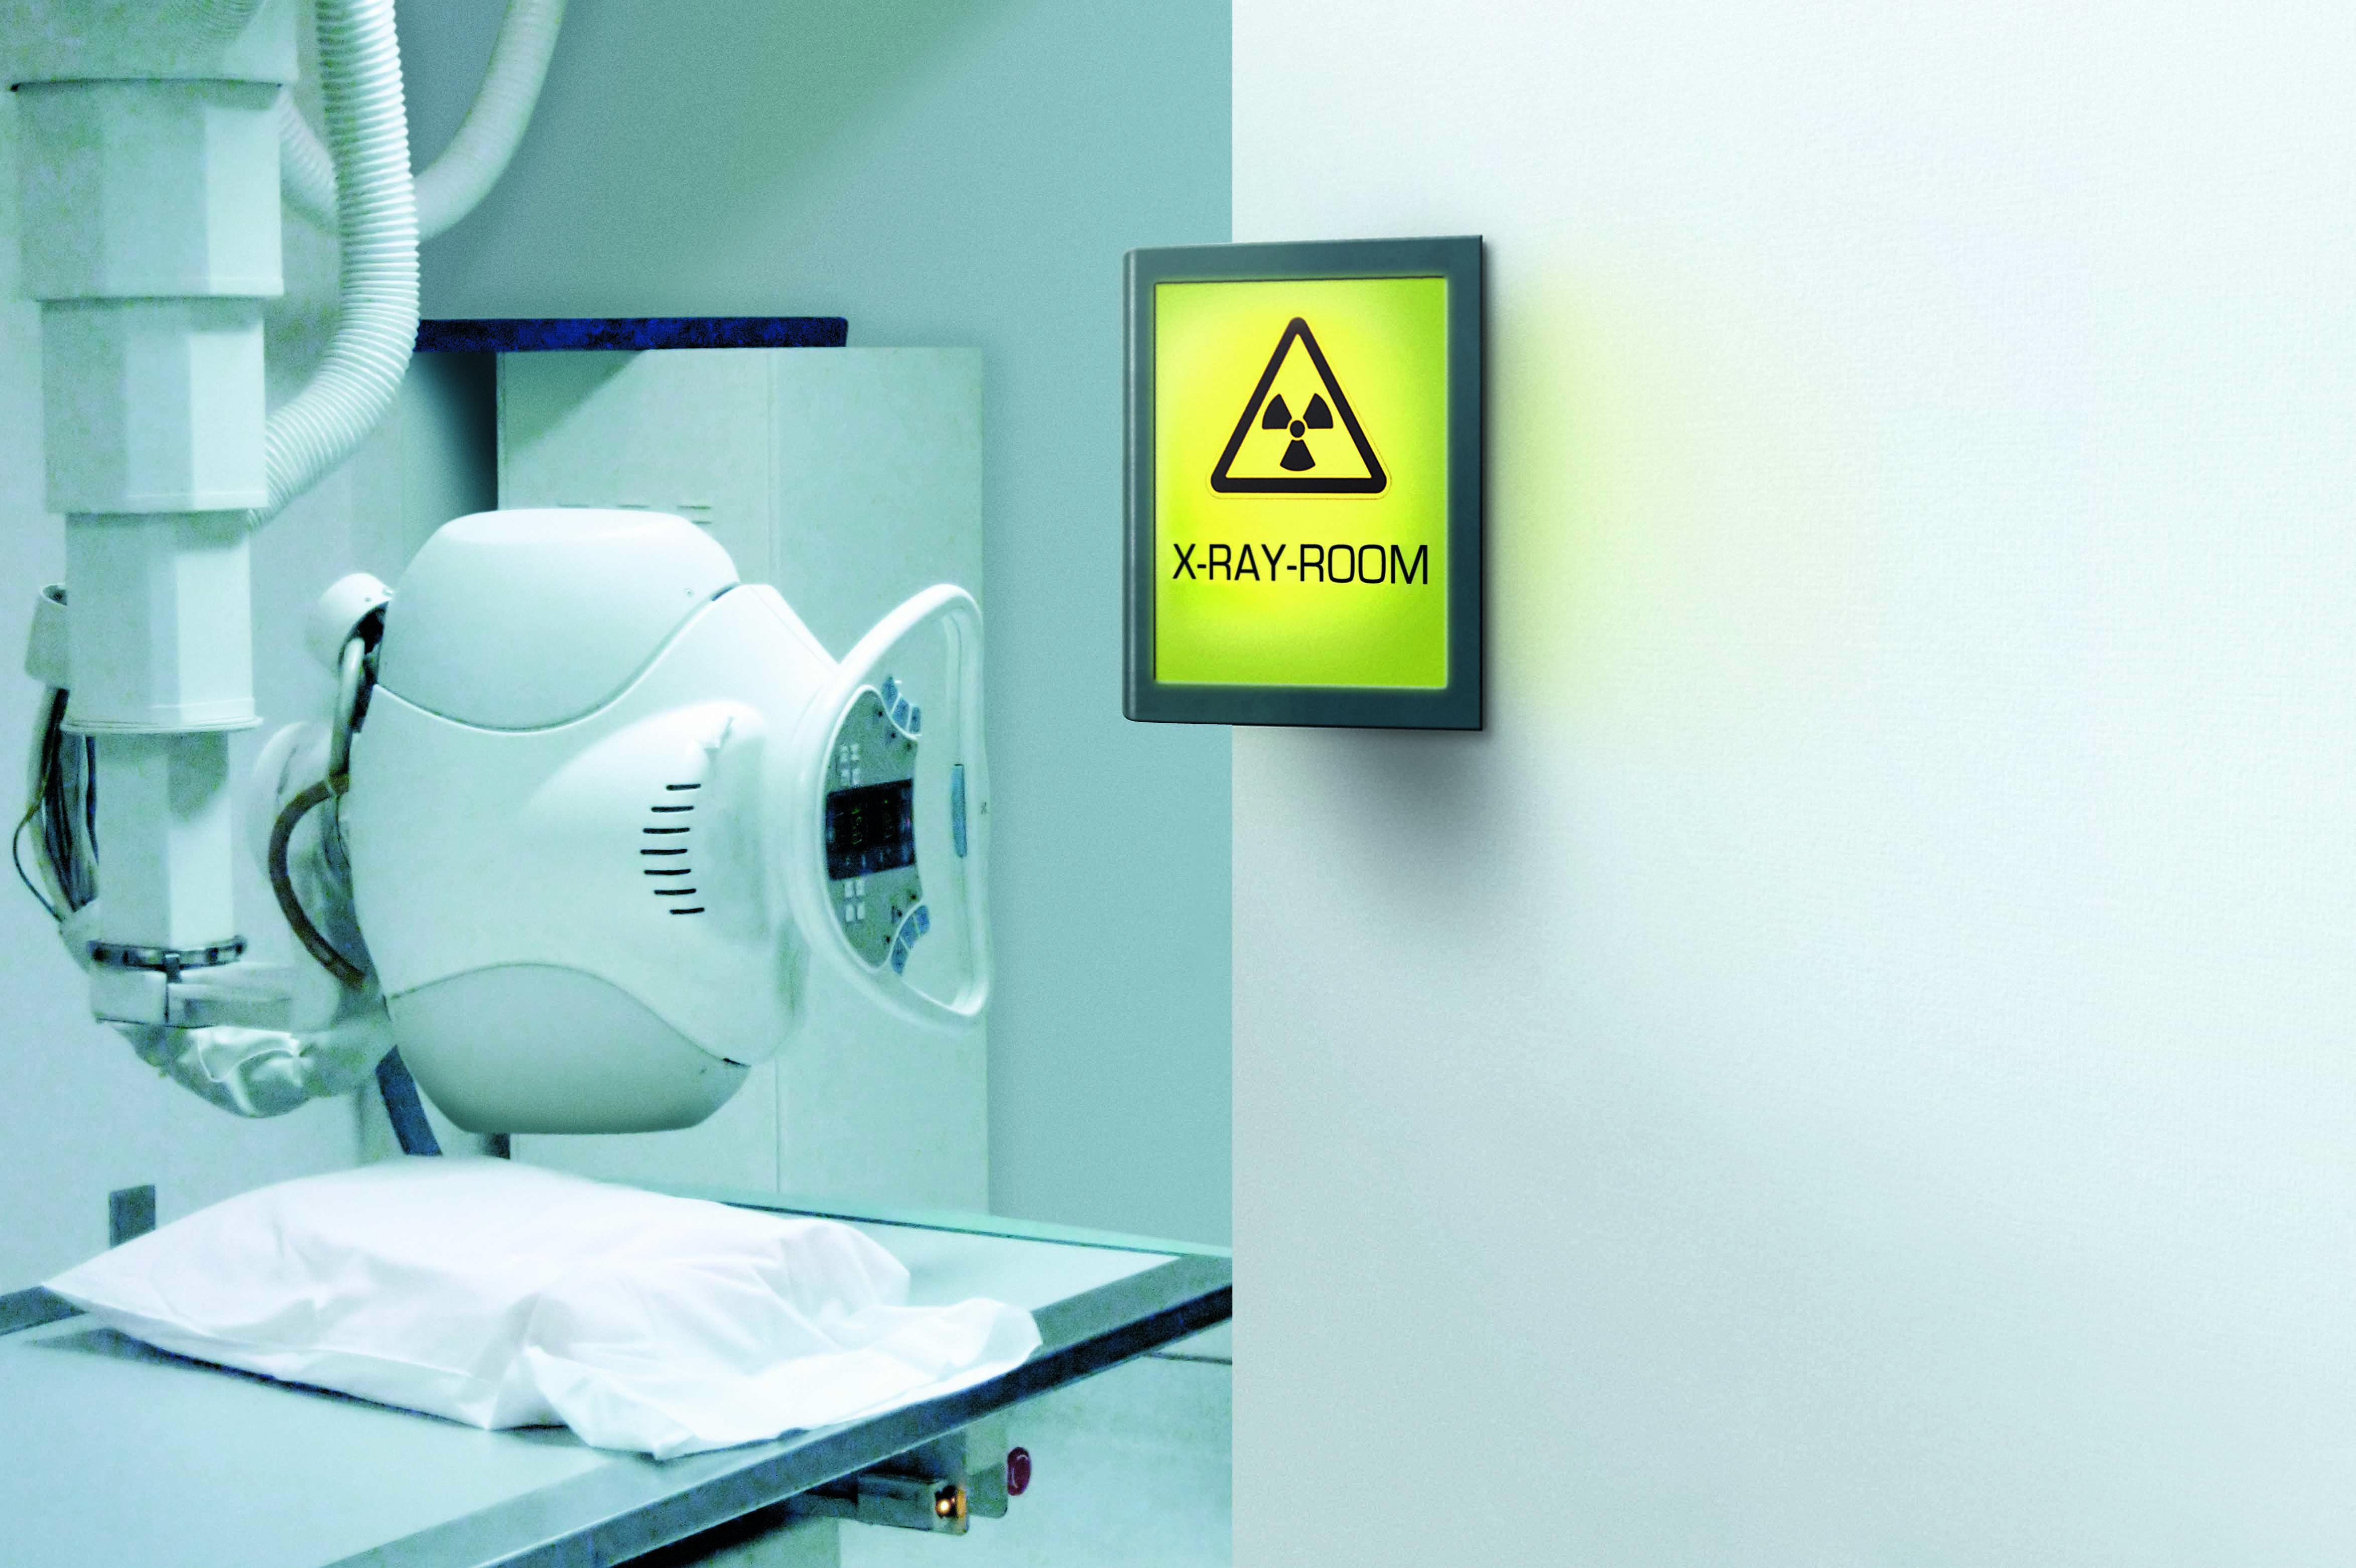 Leadboard Blindaje radiológico eficiente y seguro